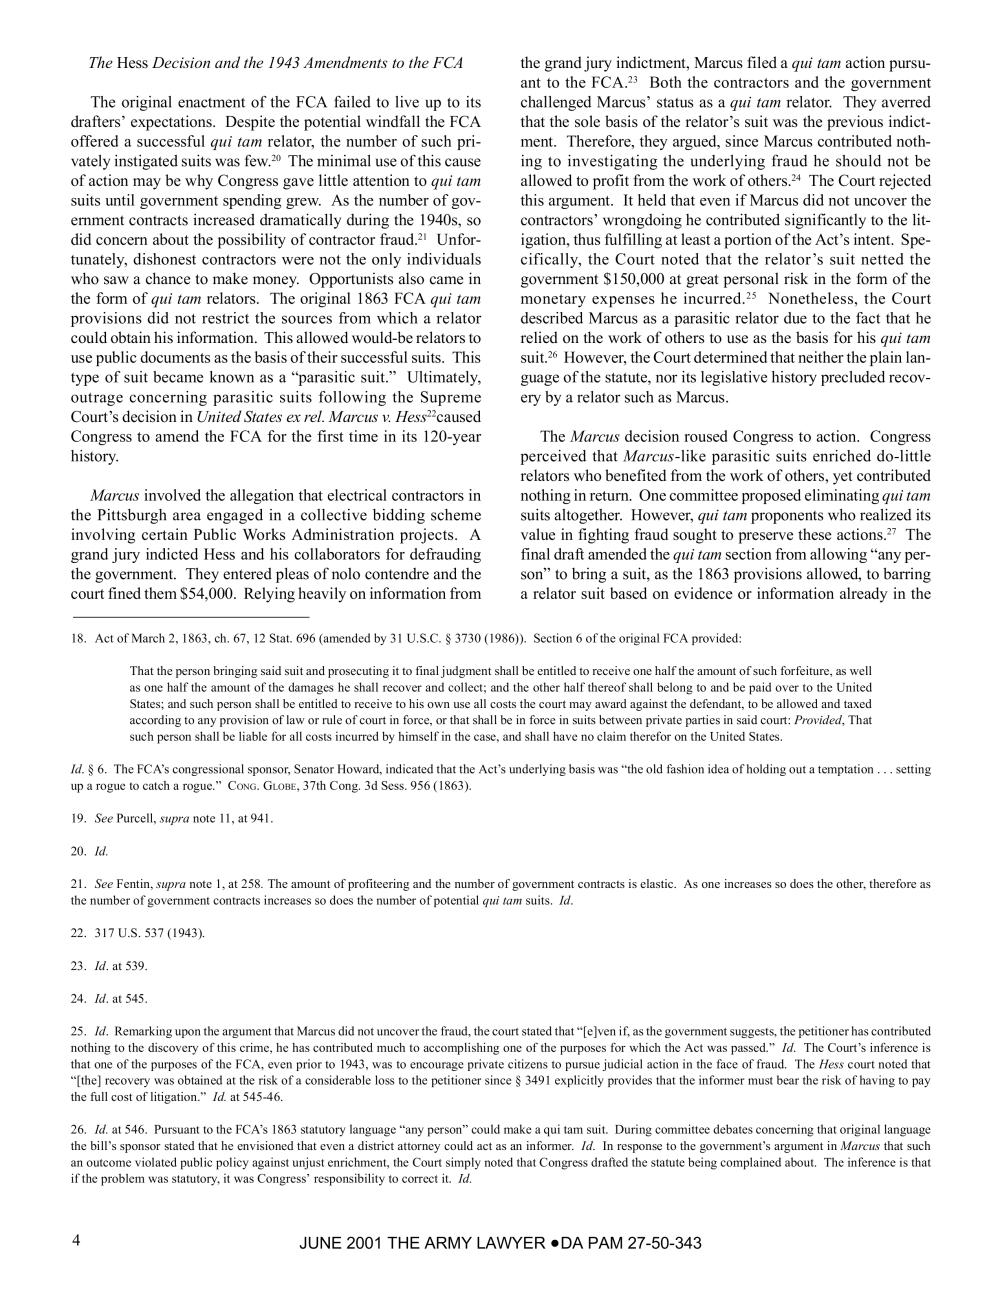 PUBLICATIONS - TJAGLCS